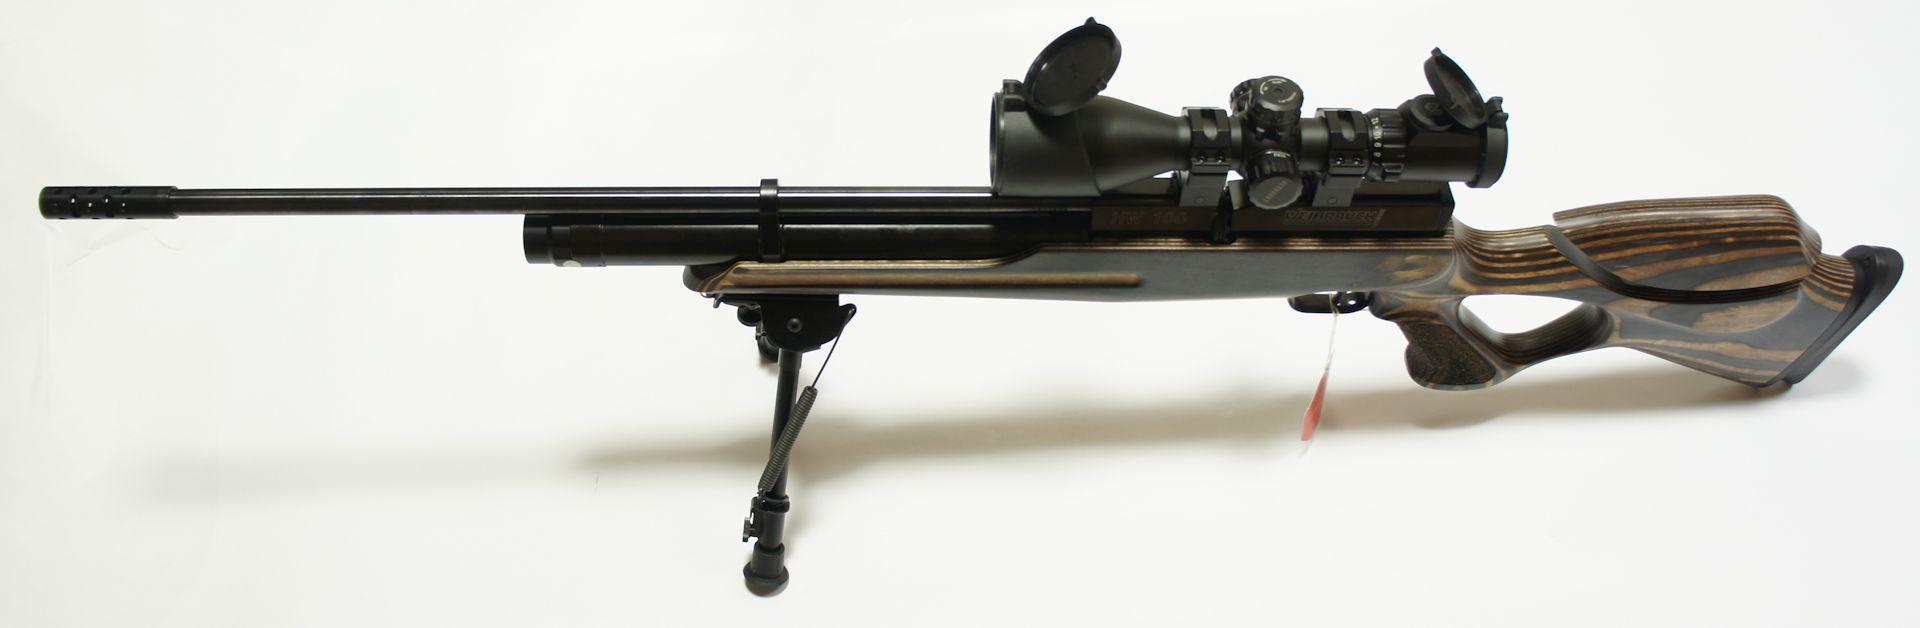 Das Zielfernrohr UTG 3-12x44 ergänzt dises Luftgewehr hervorragend.